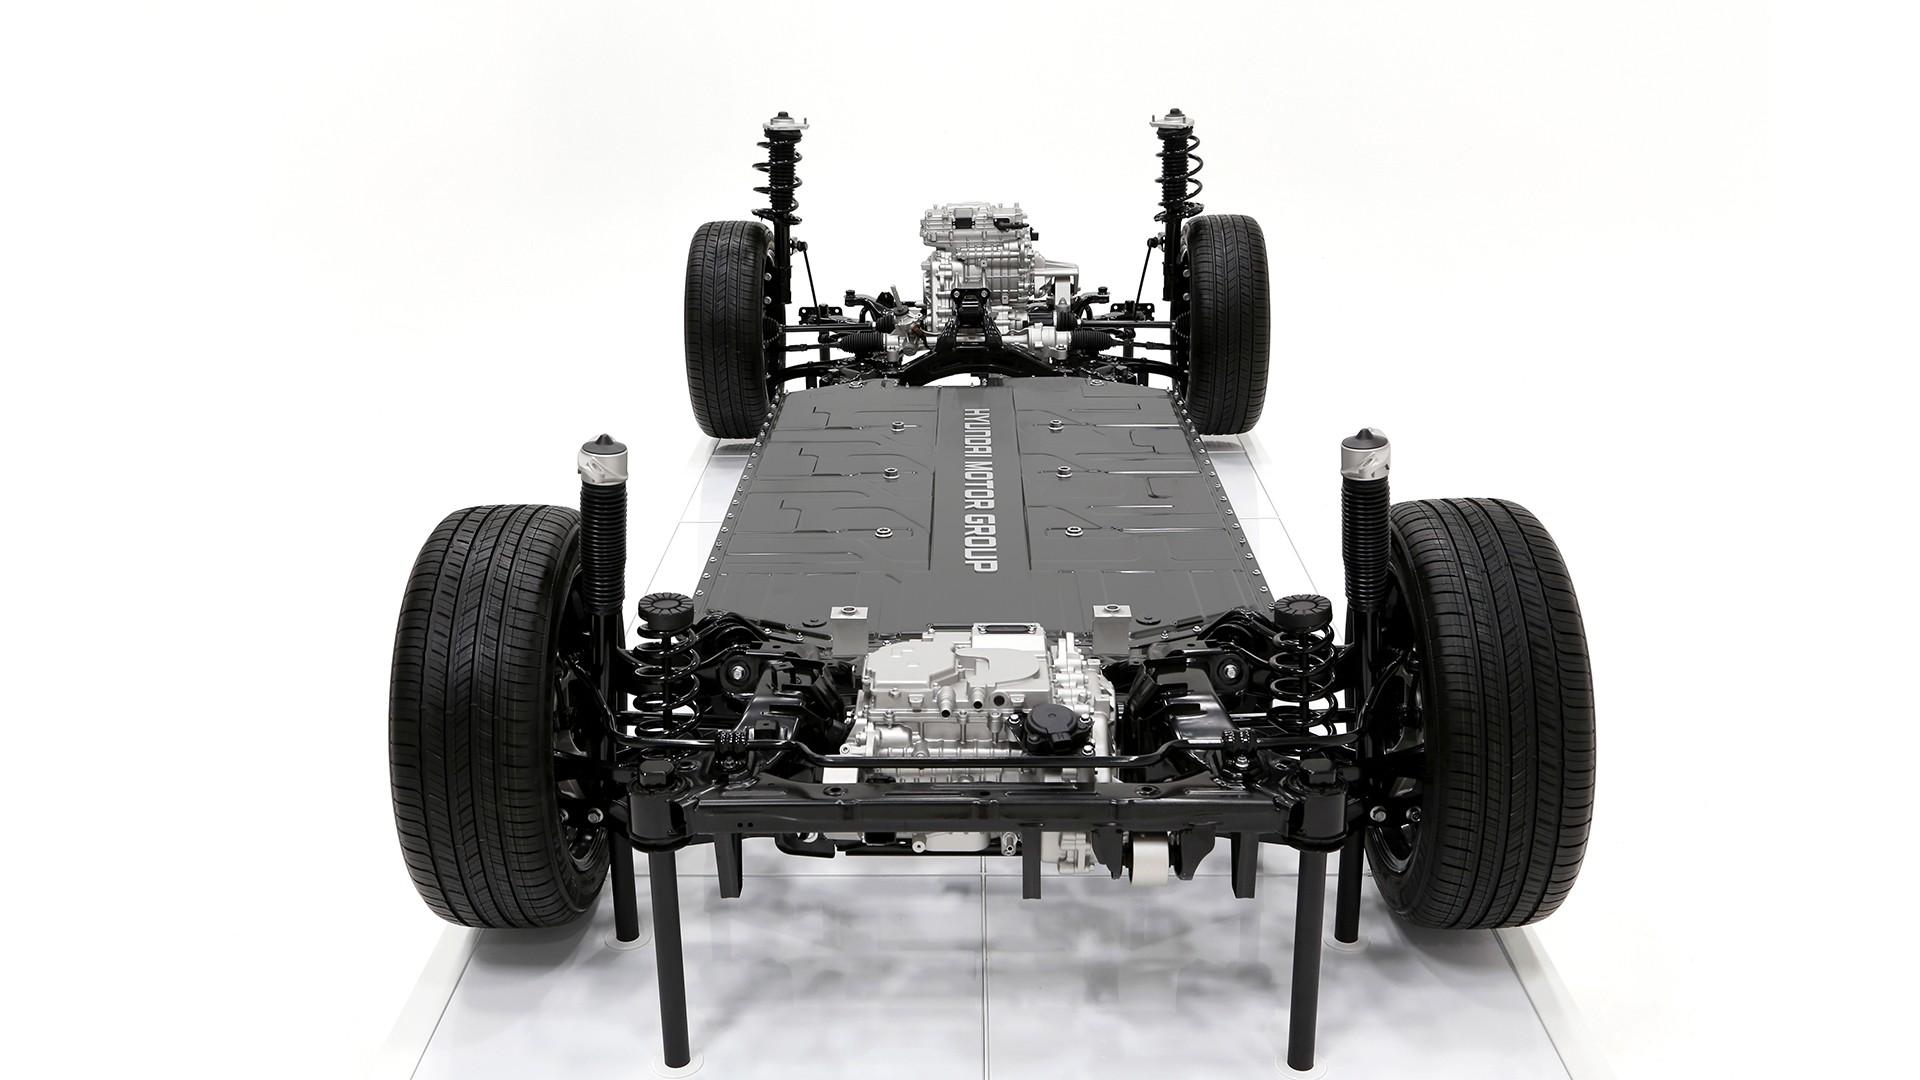 Будущие электрокары Hyundai-Kia: базовый задний привод, просвет 130 мм и решения, которым 20 лет